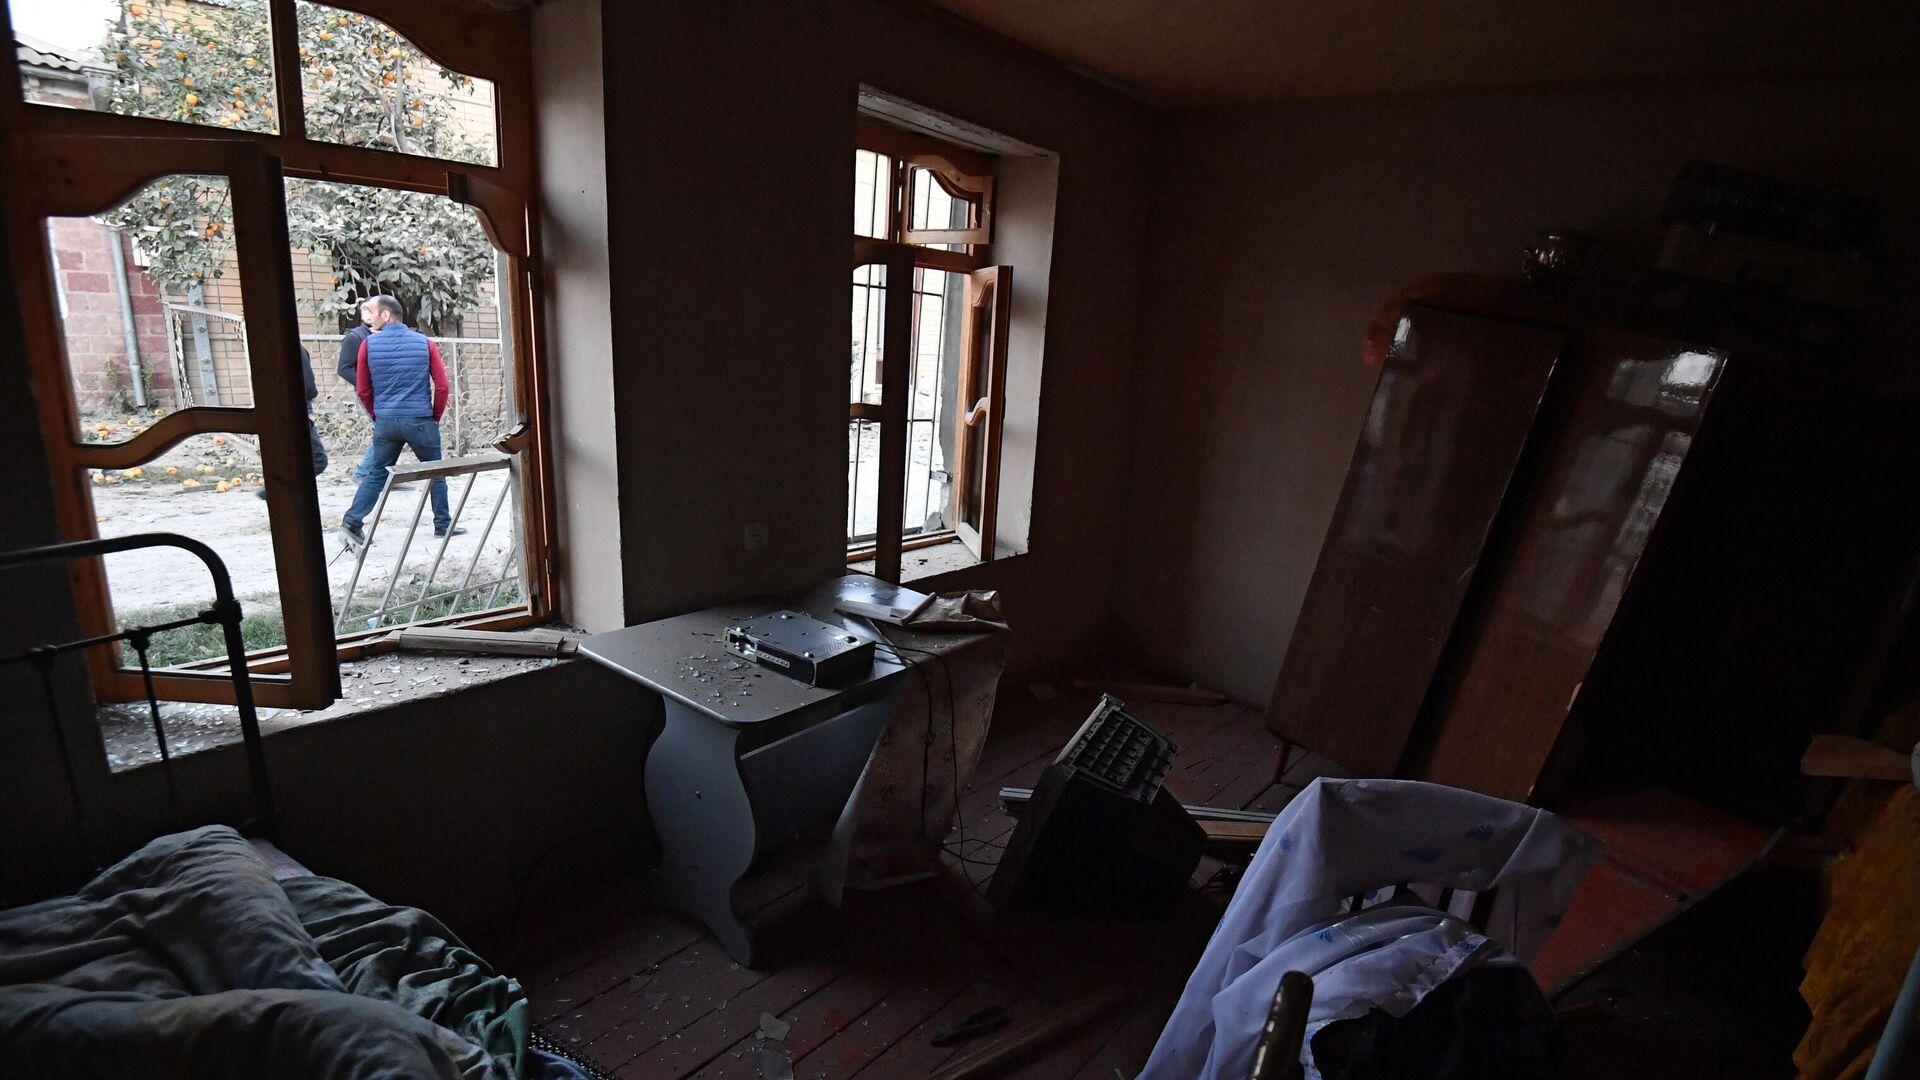 Дом, поврежденный в результате ракетного обстрела города Гянджа - РИА Новости, 1920, 17.10.2020